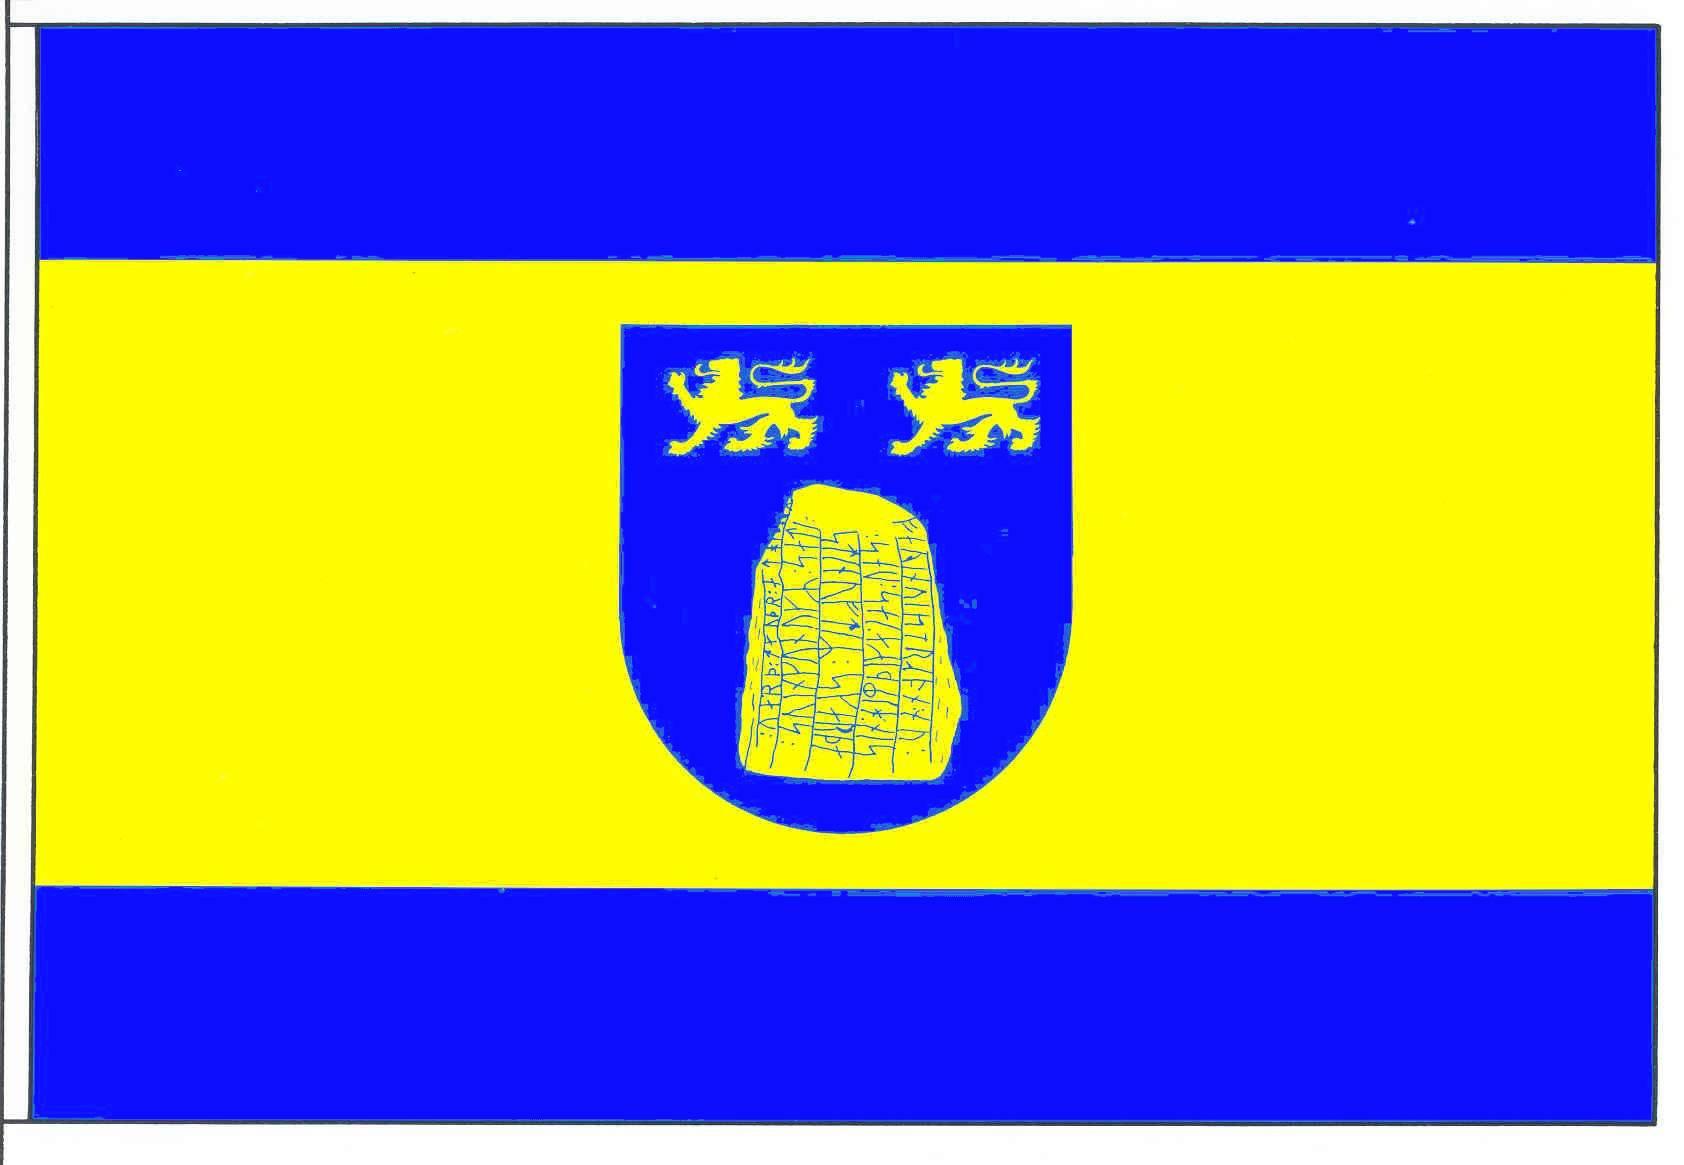 Flagge GemeindeBusdorf, Kreis Schleswig-Flensburg